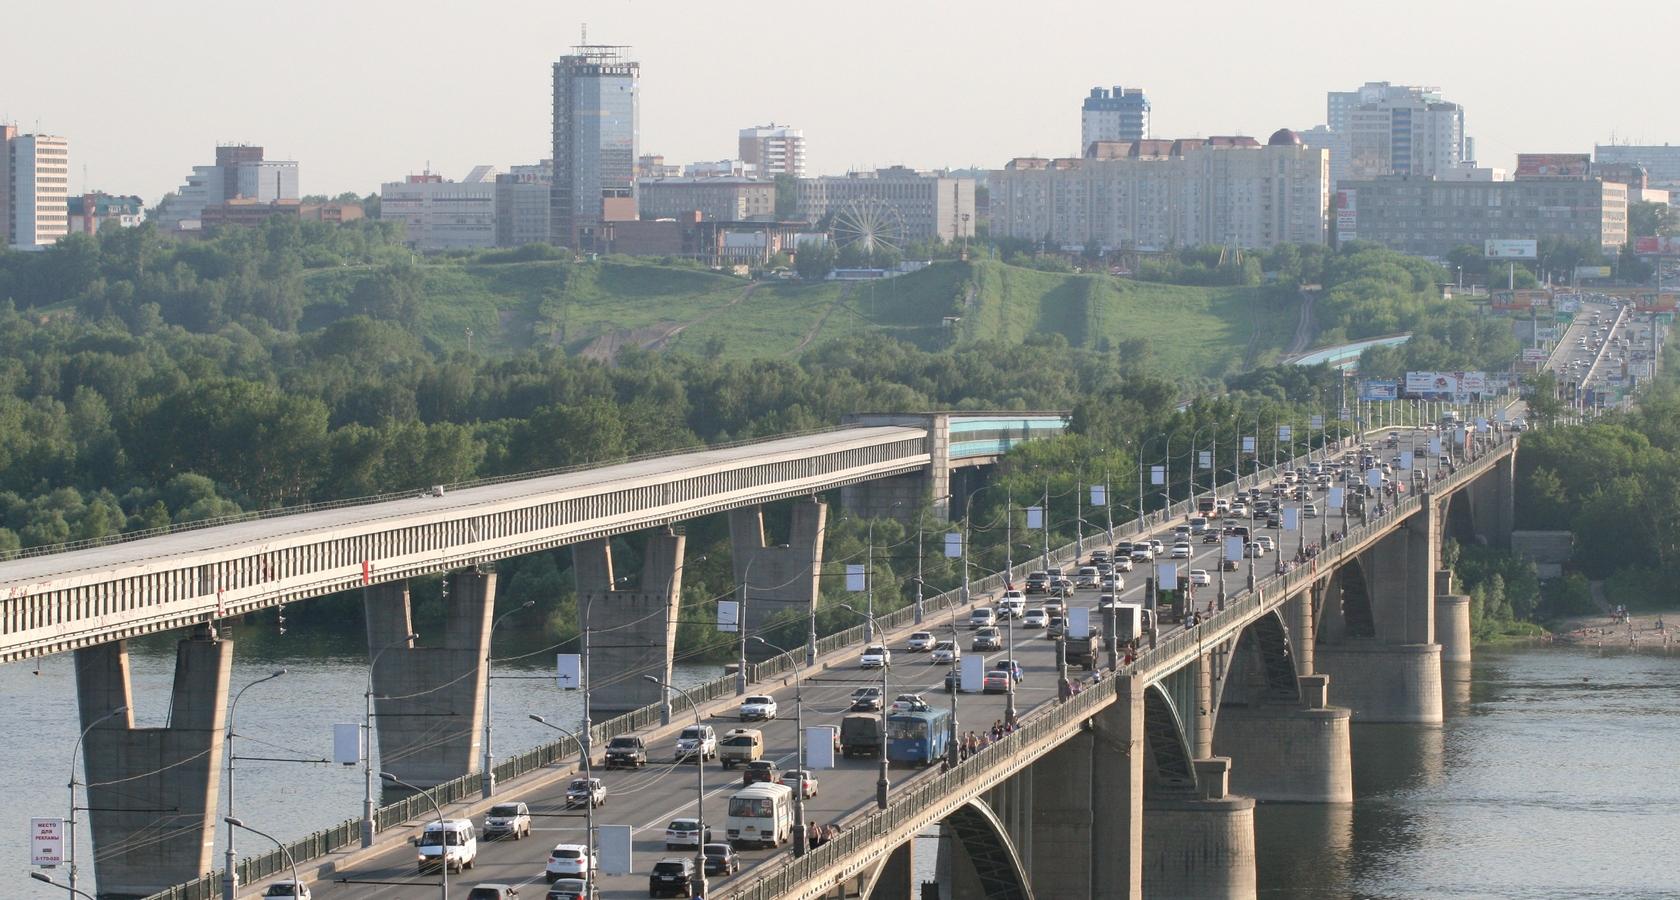 Новосибирский рынок автоперевозок ориентирован, главным образом, на доставку грузов из Москвы и Китая (Фото: Глеб Осокин / Transport-Photo.com)